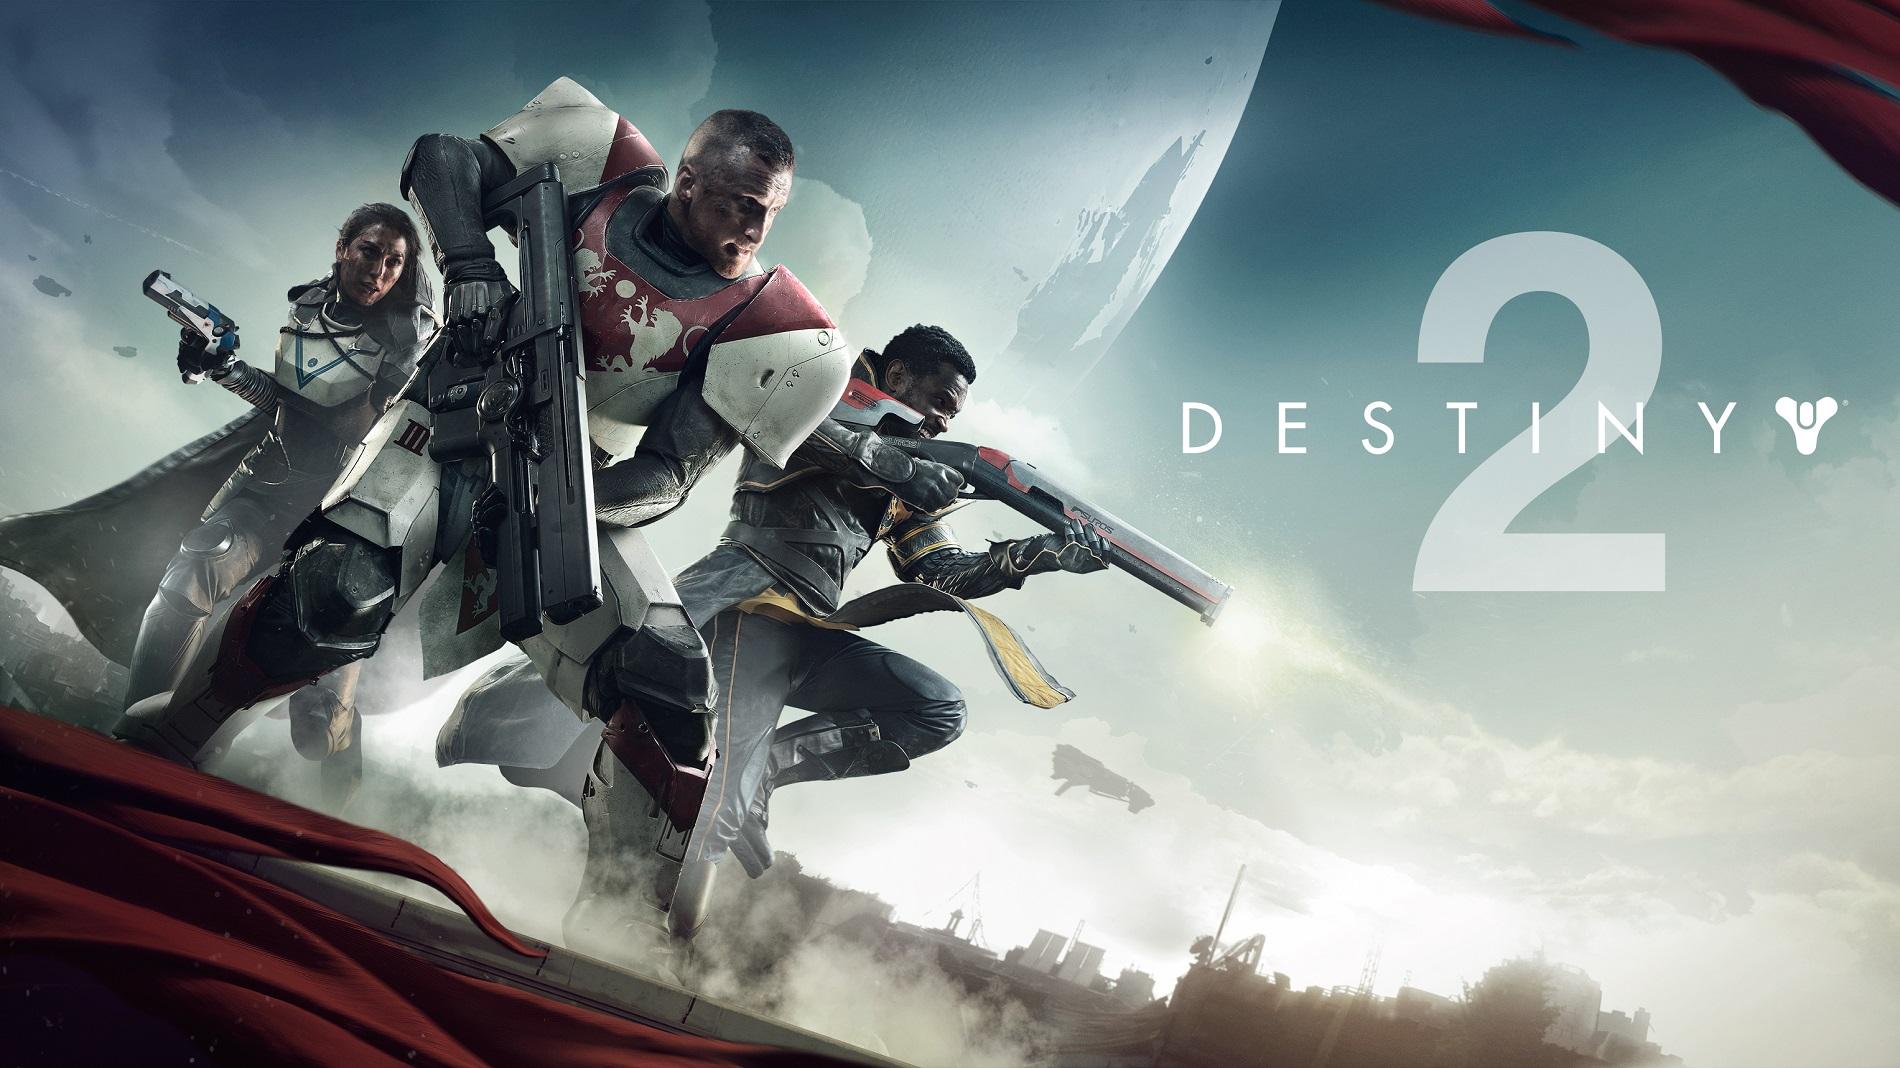 بتای عنوان Destiny 2 هم اکنون برای ایکسباکس وان و  پلی استیشن ۴ در دسترس است